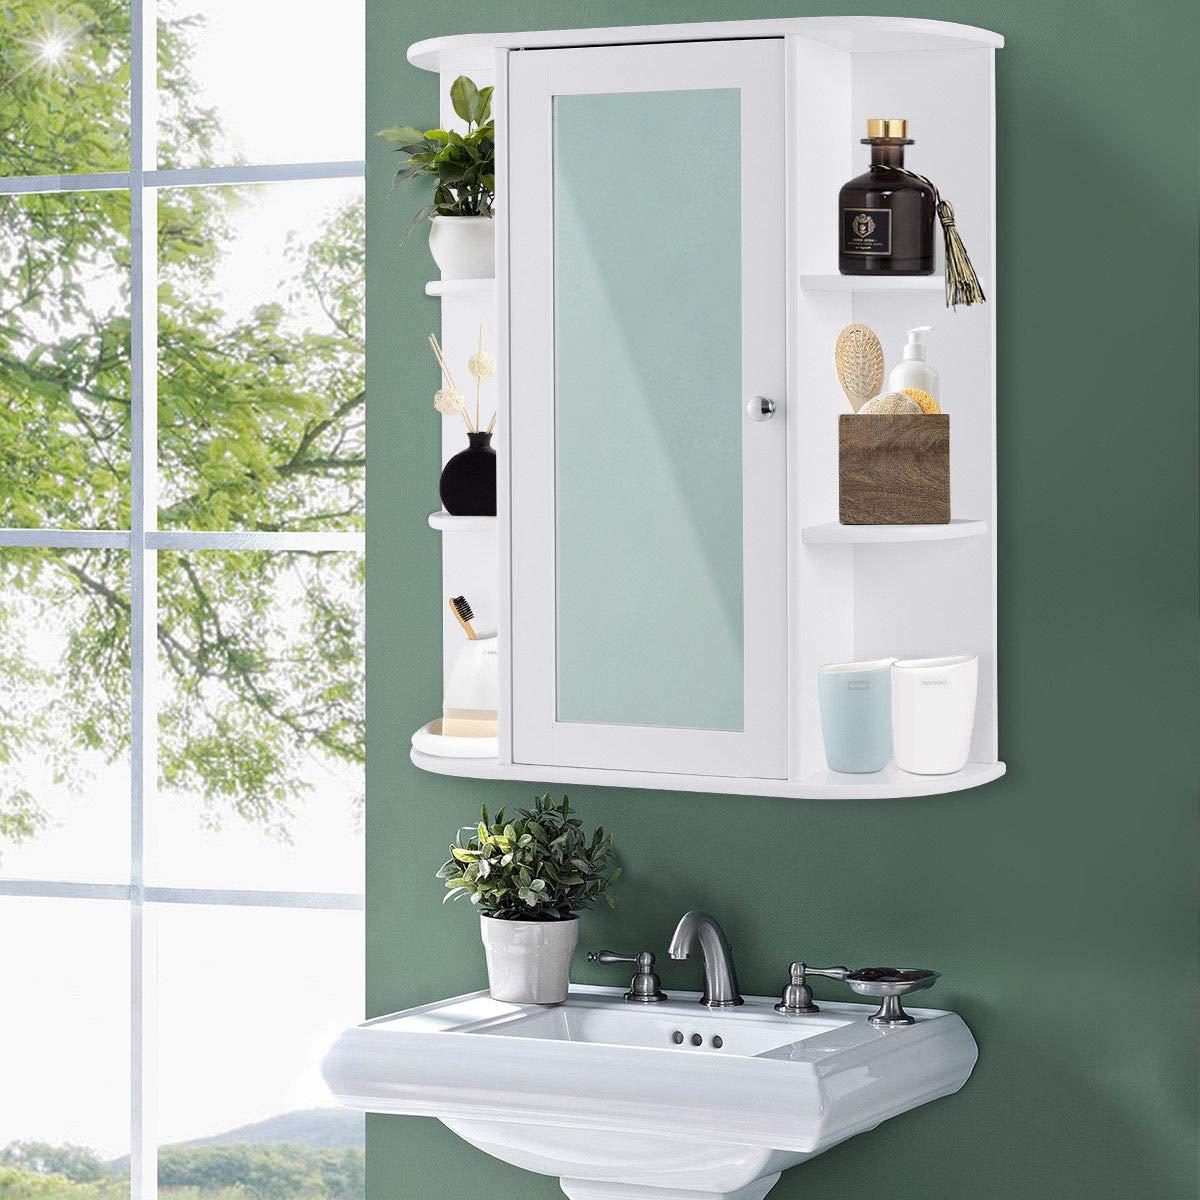 Amazon.com: TANGKULA Bathroom Cabinet Single Door Wall Mount Mirror ...